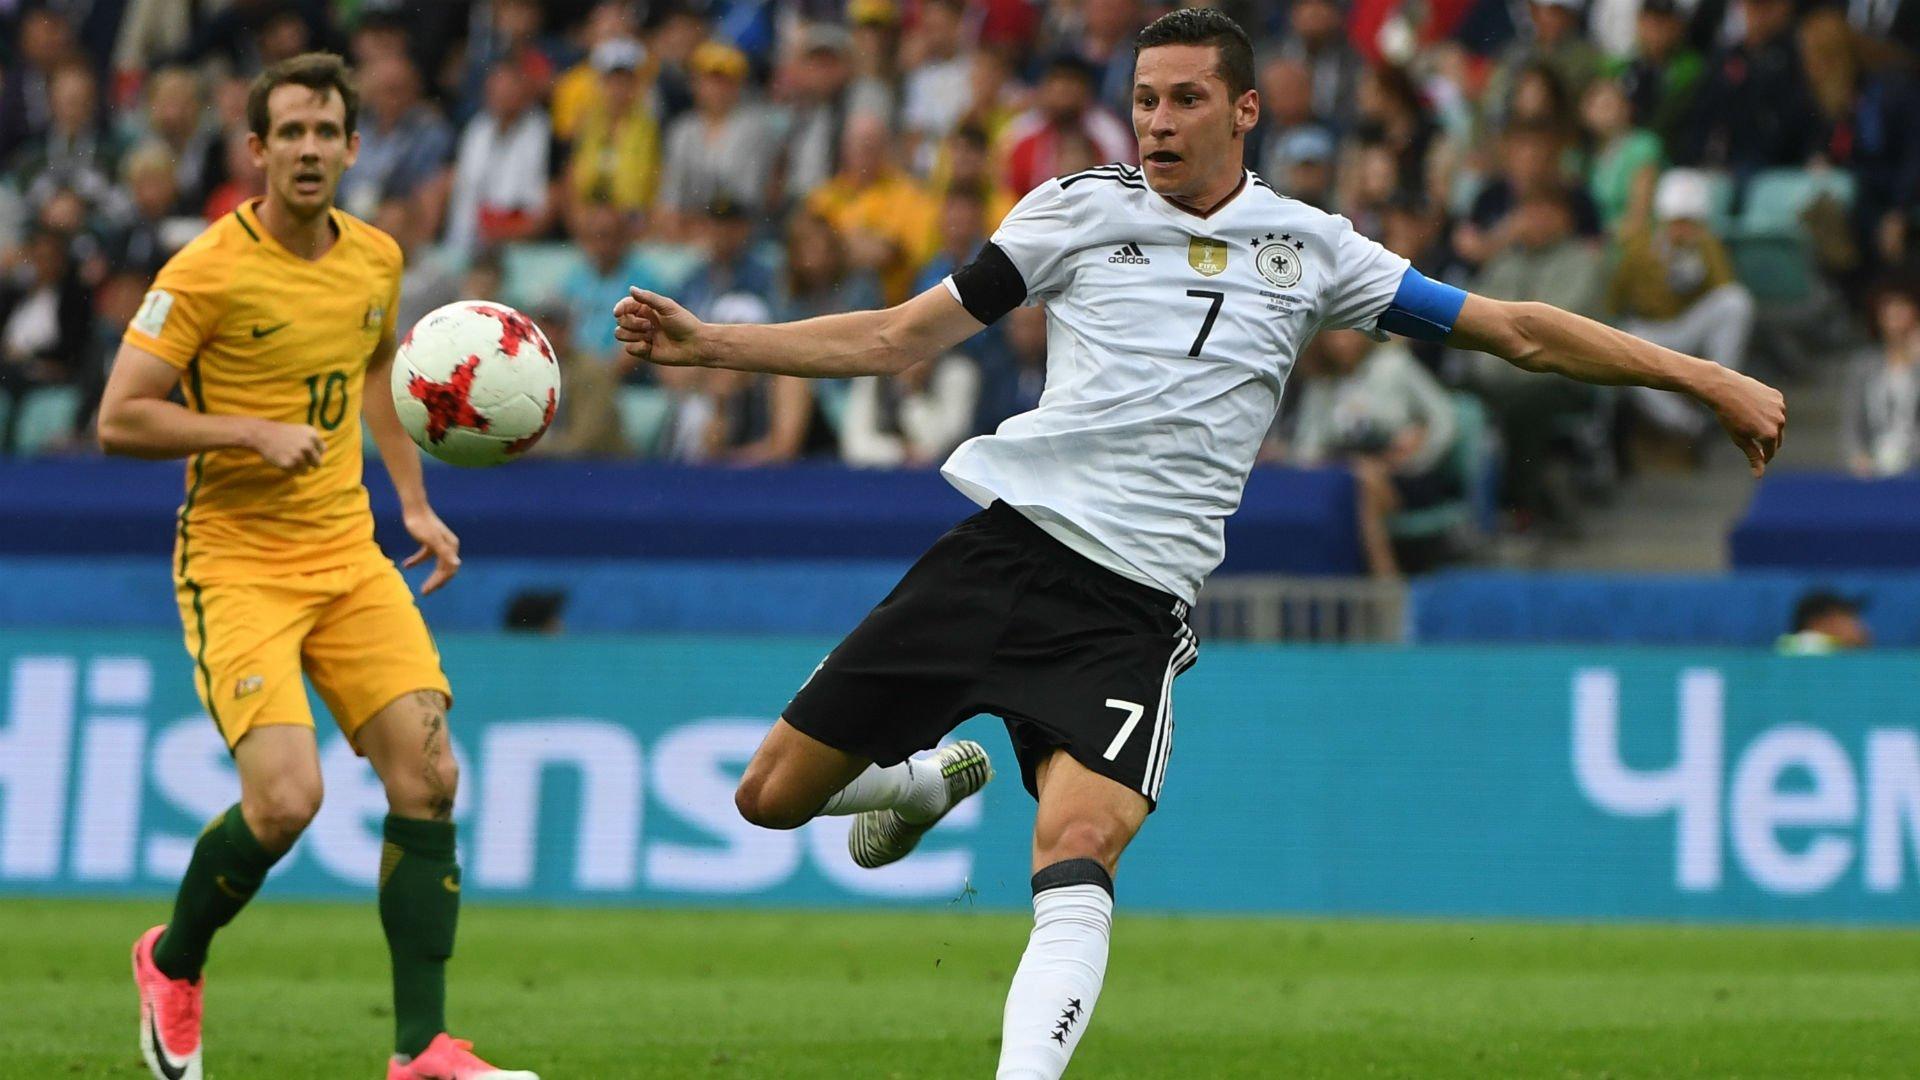 Đức cần chơi tốt hơn nếu muốn thắng Chile